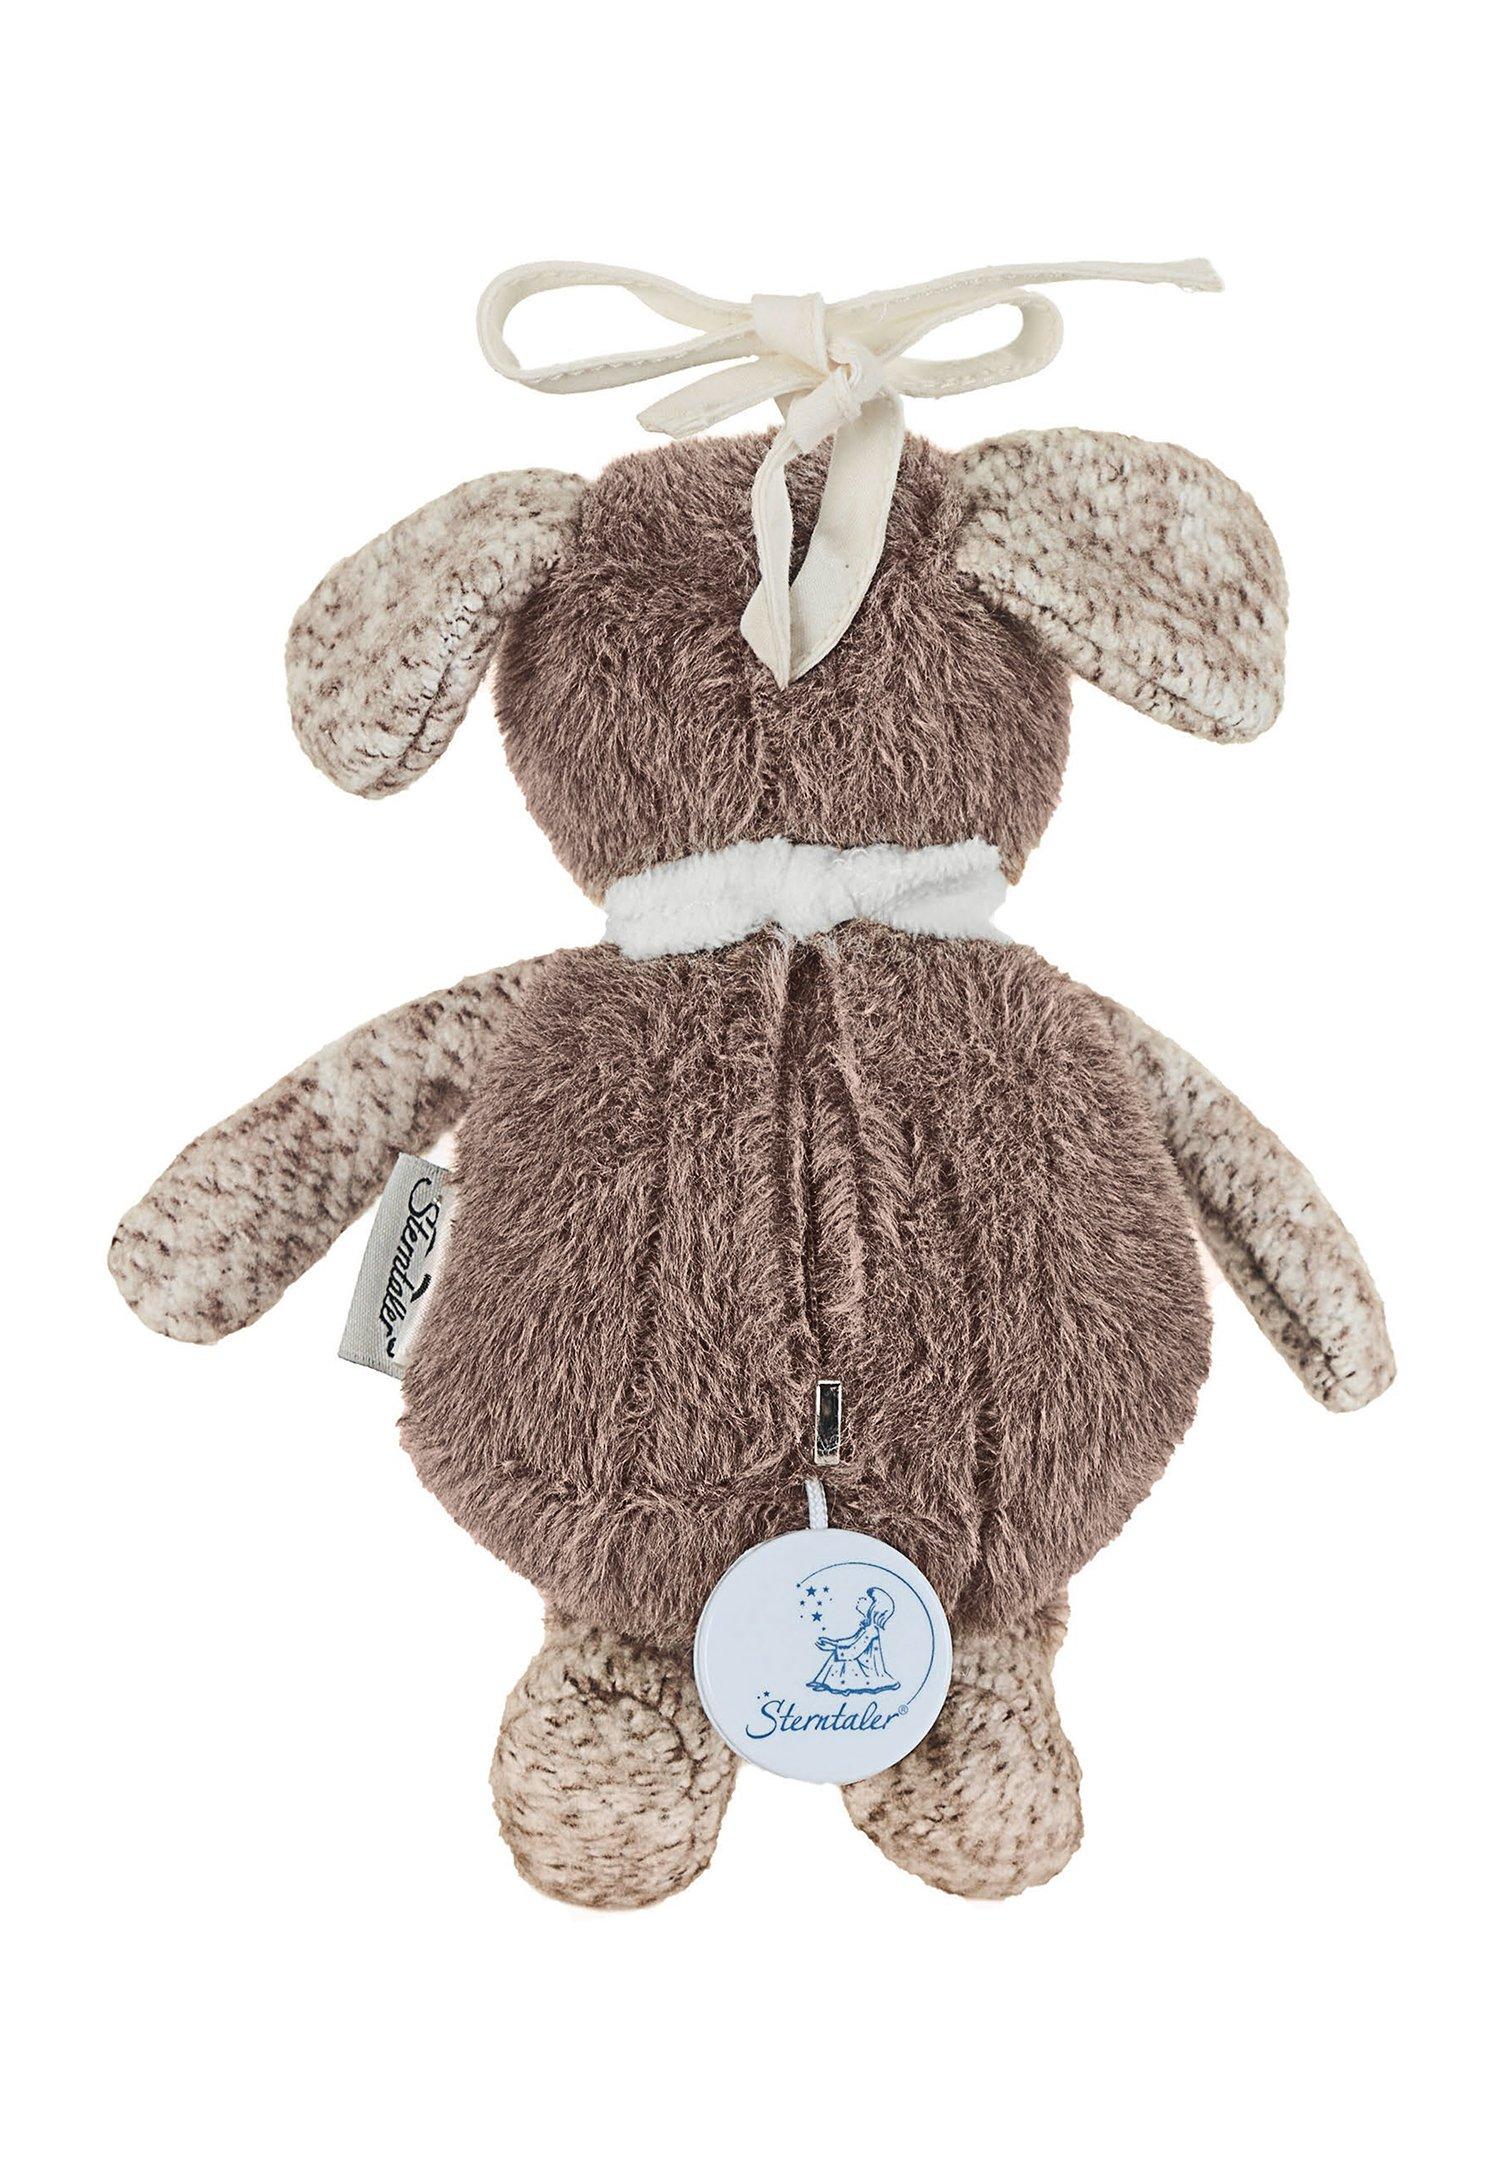 Sterntaler Mini -spieluhr S Hanno - Cuddly Toy Original